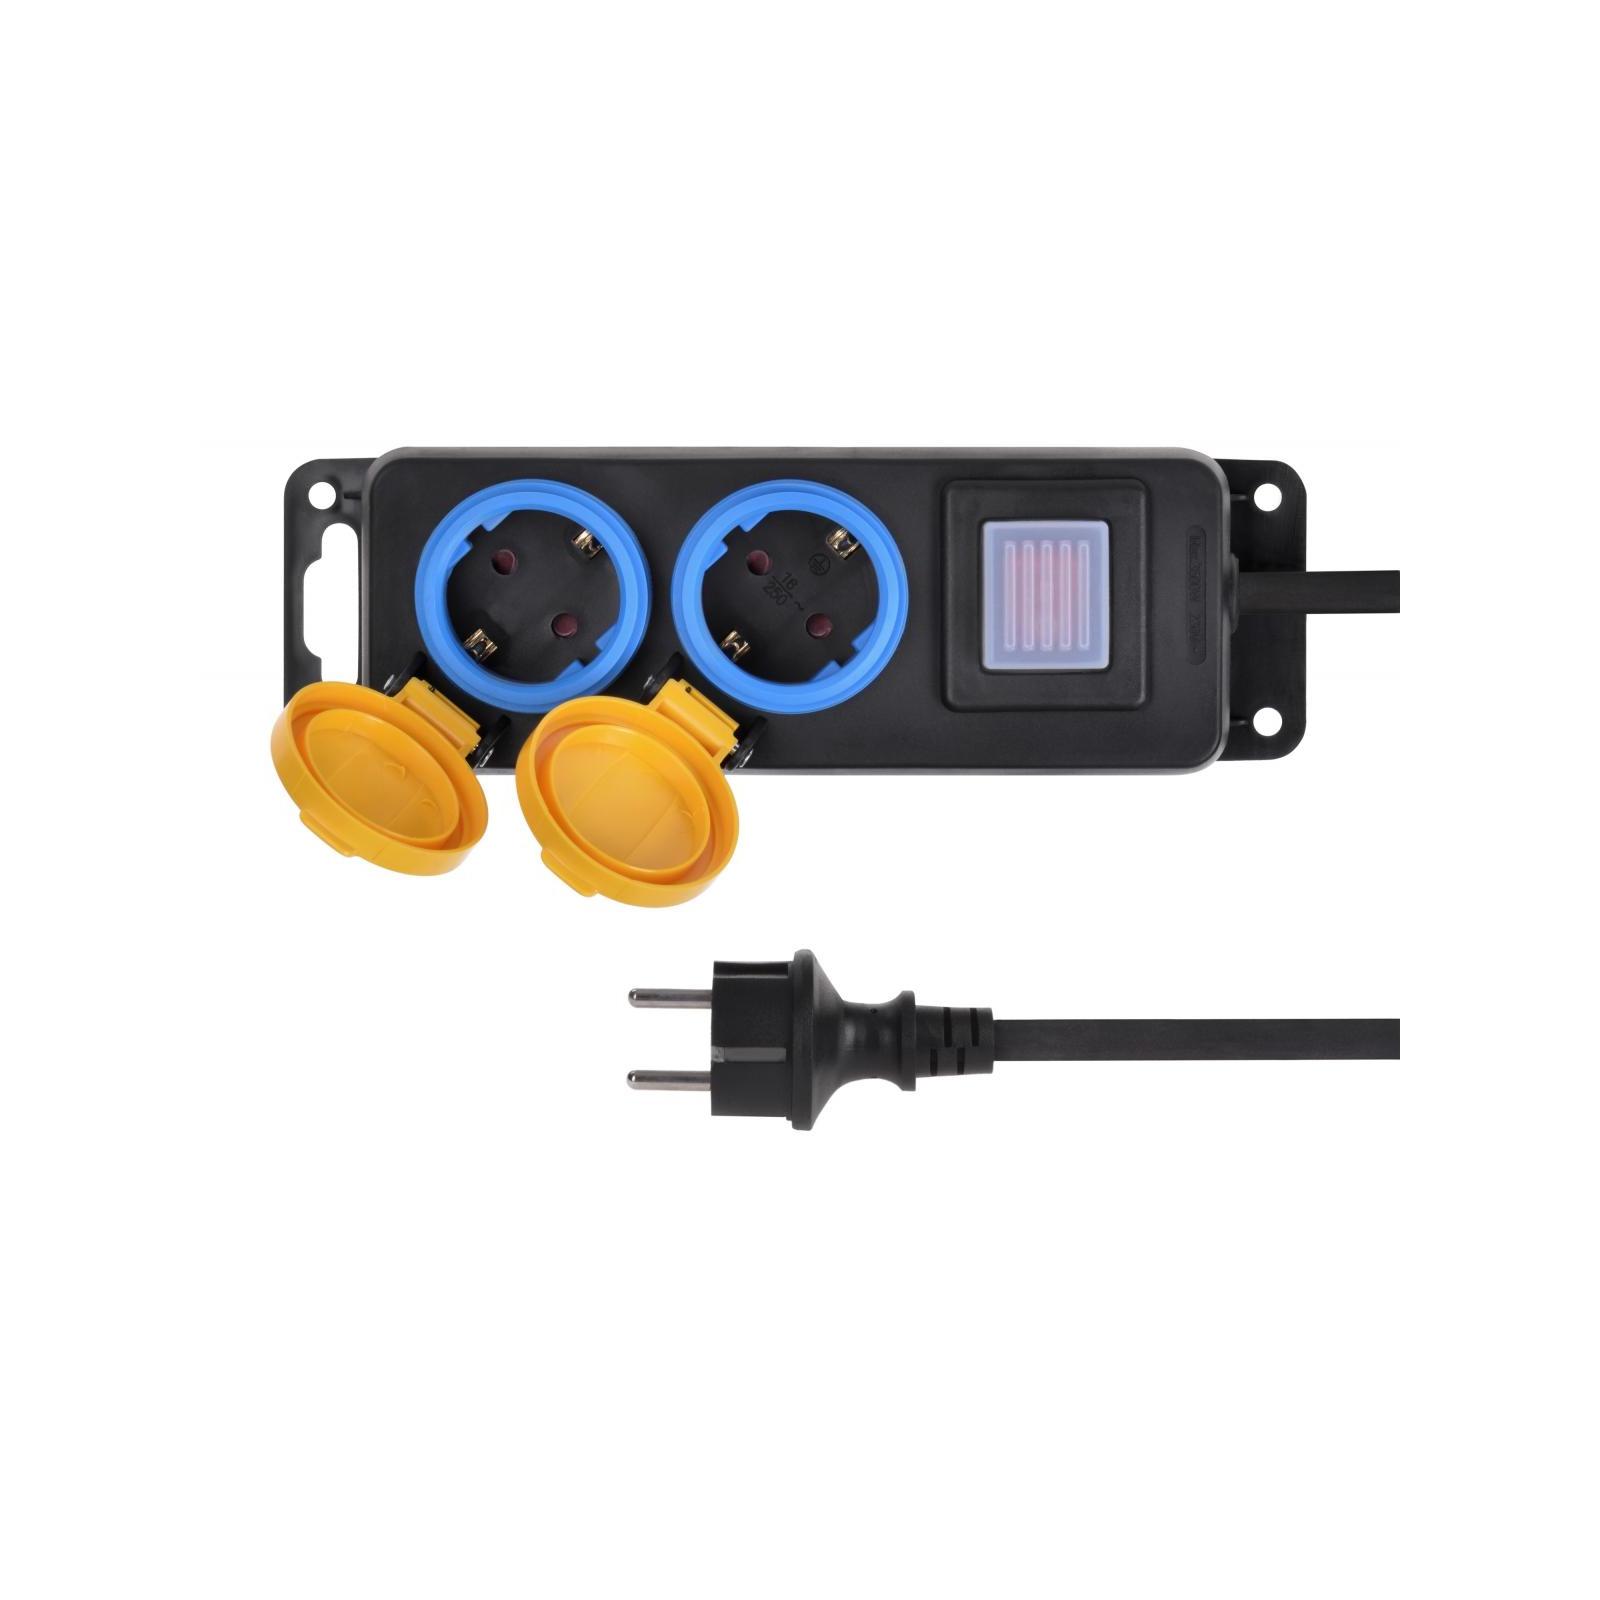 Сетевой фильтр питания 2E 2xSchuko ІР44 (2E-U02ESPM3) изображение 3